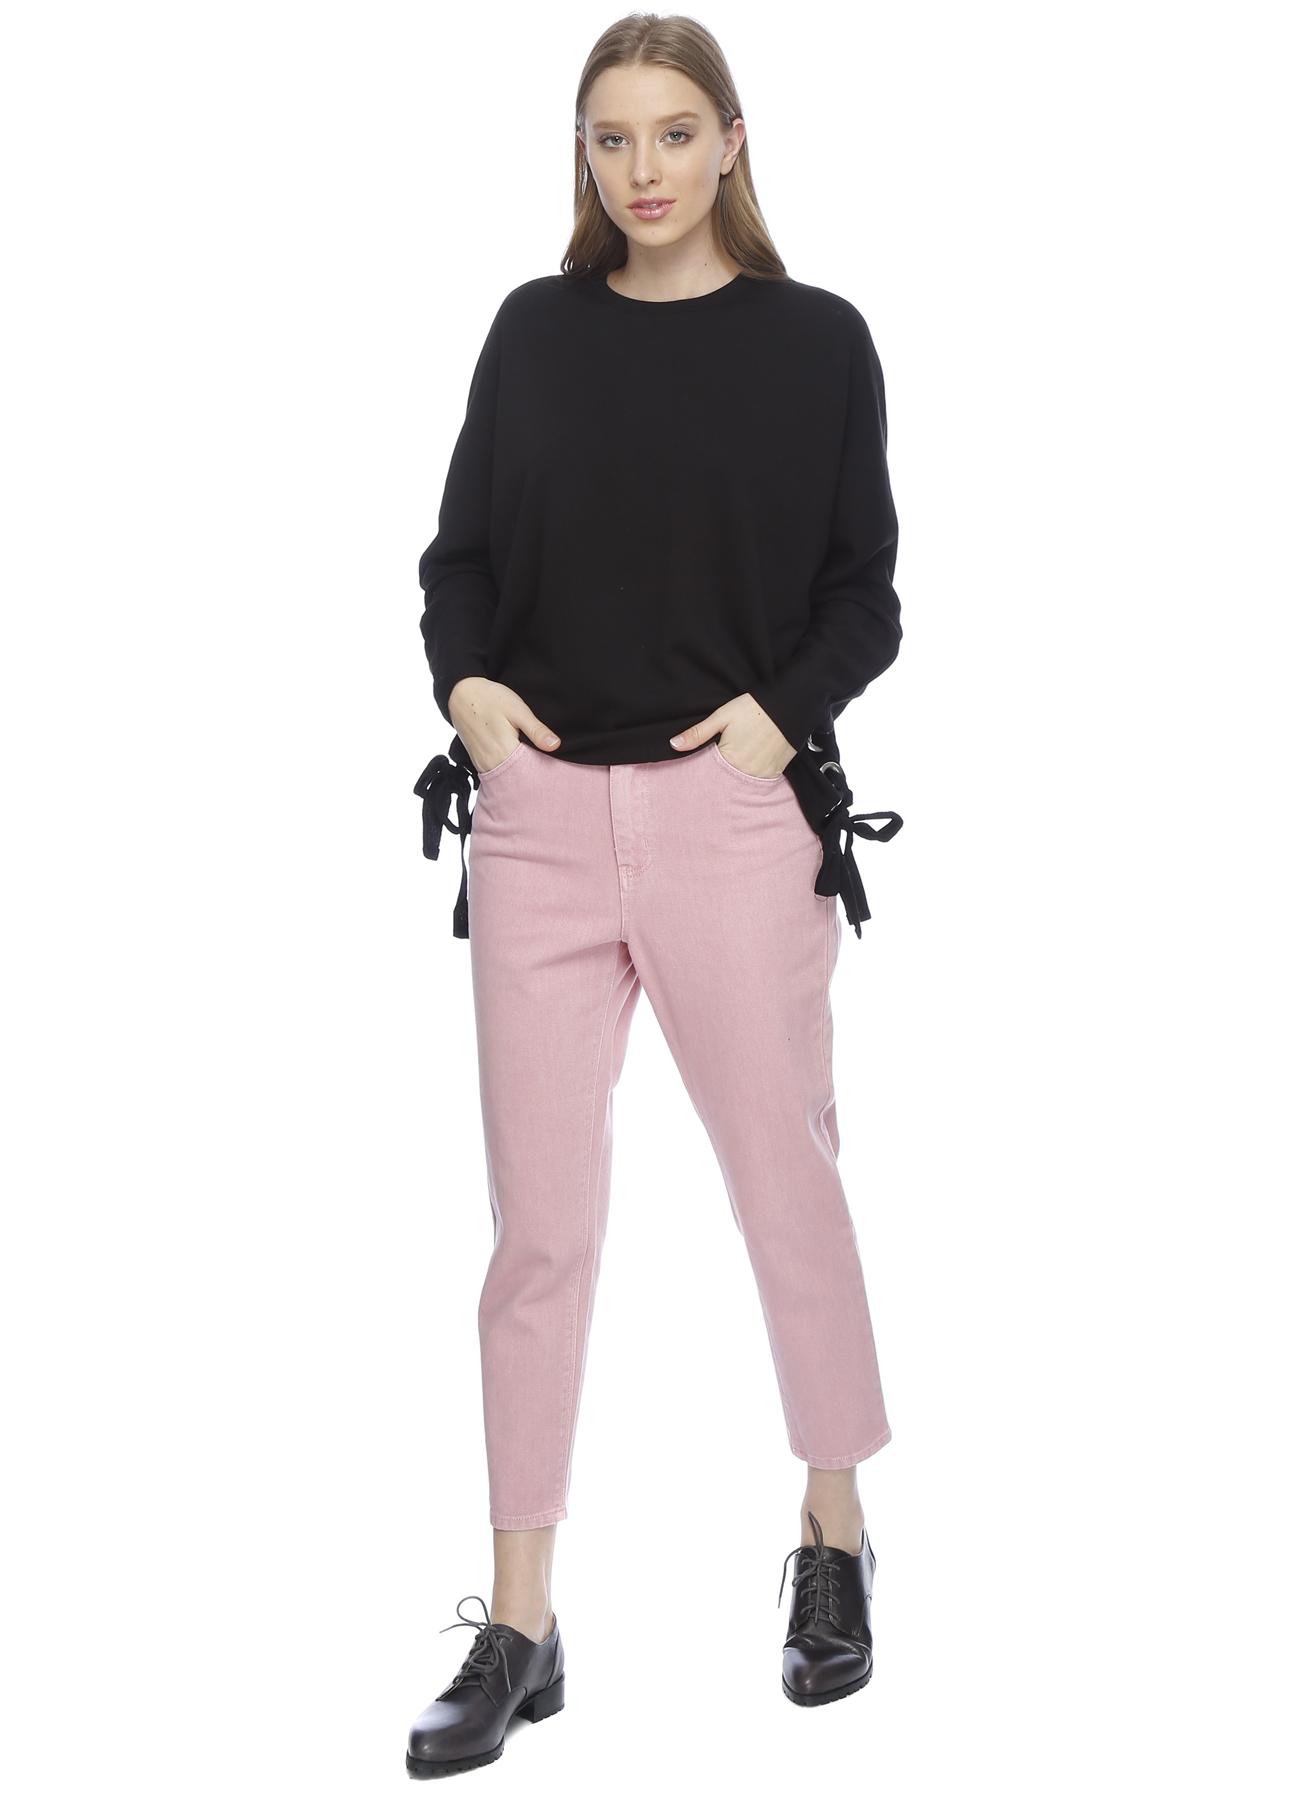 Vero Moda Boyfriend Pembe Denim Pantolon 30-32 5000196059011 Ürün Resmi